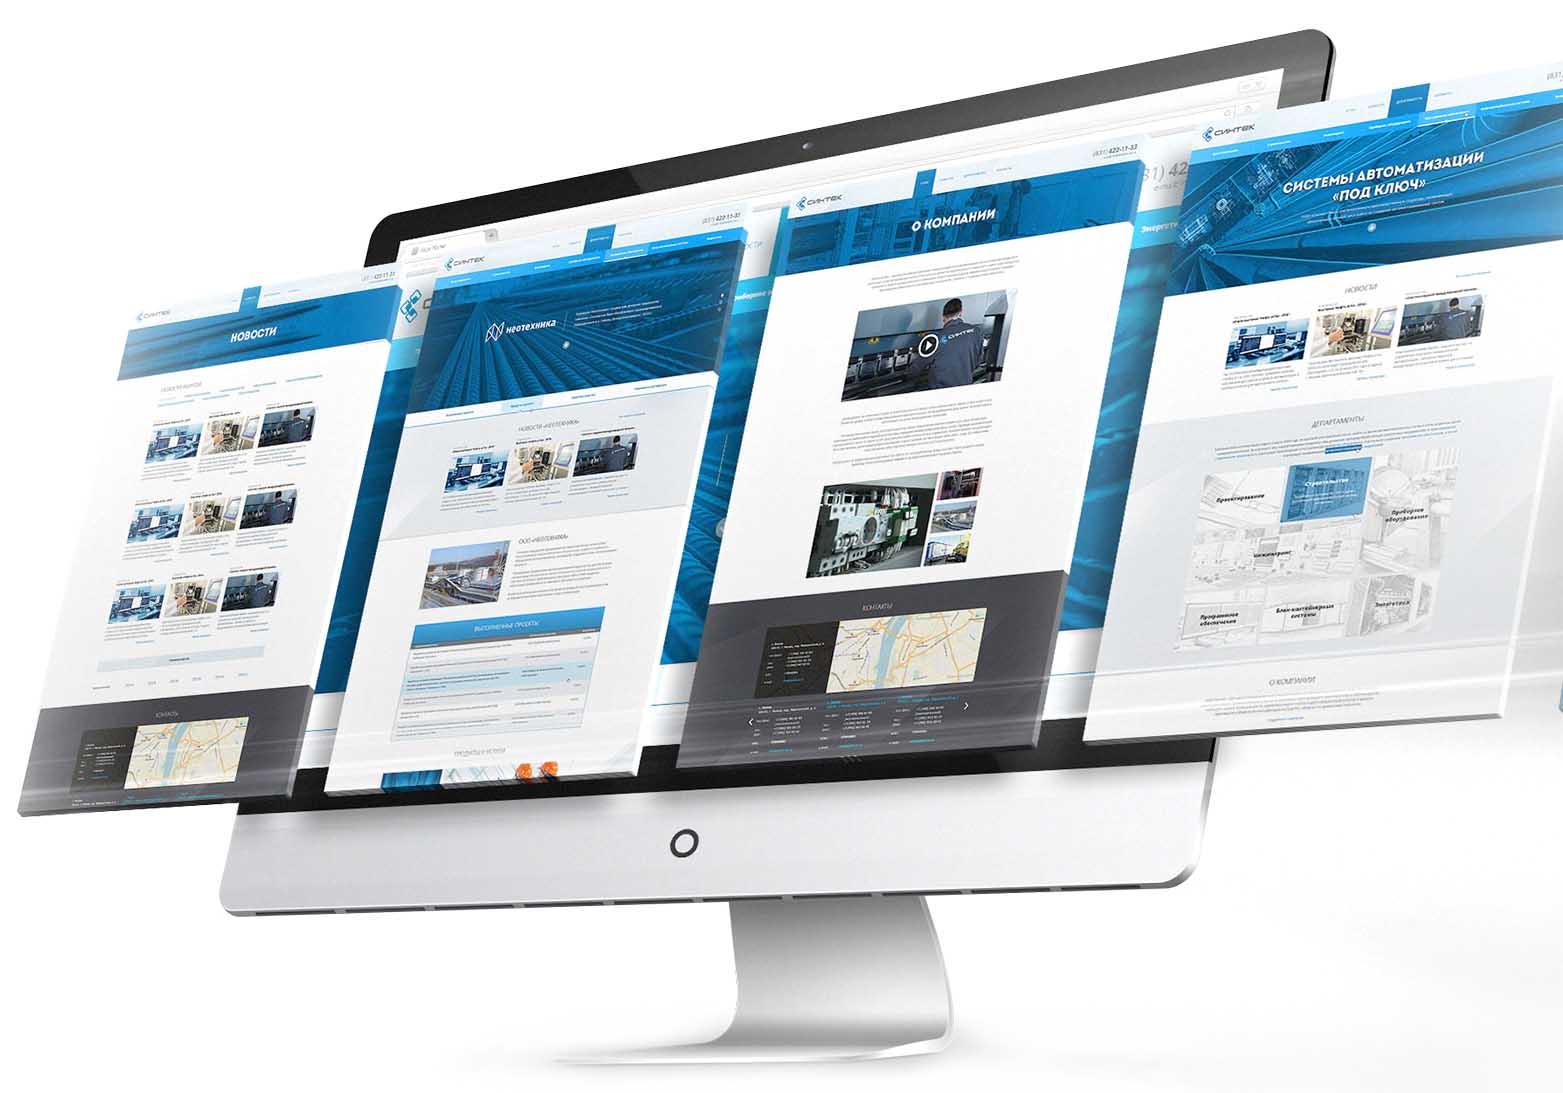 Шаблон по продвижении сайта как сделать интернет магазин иваново